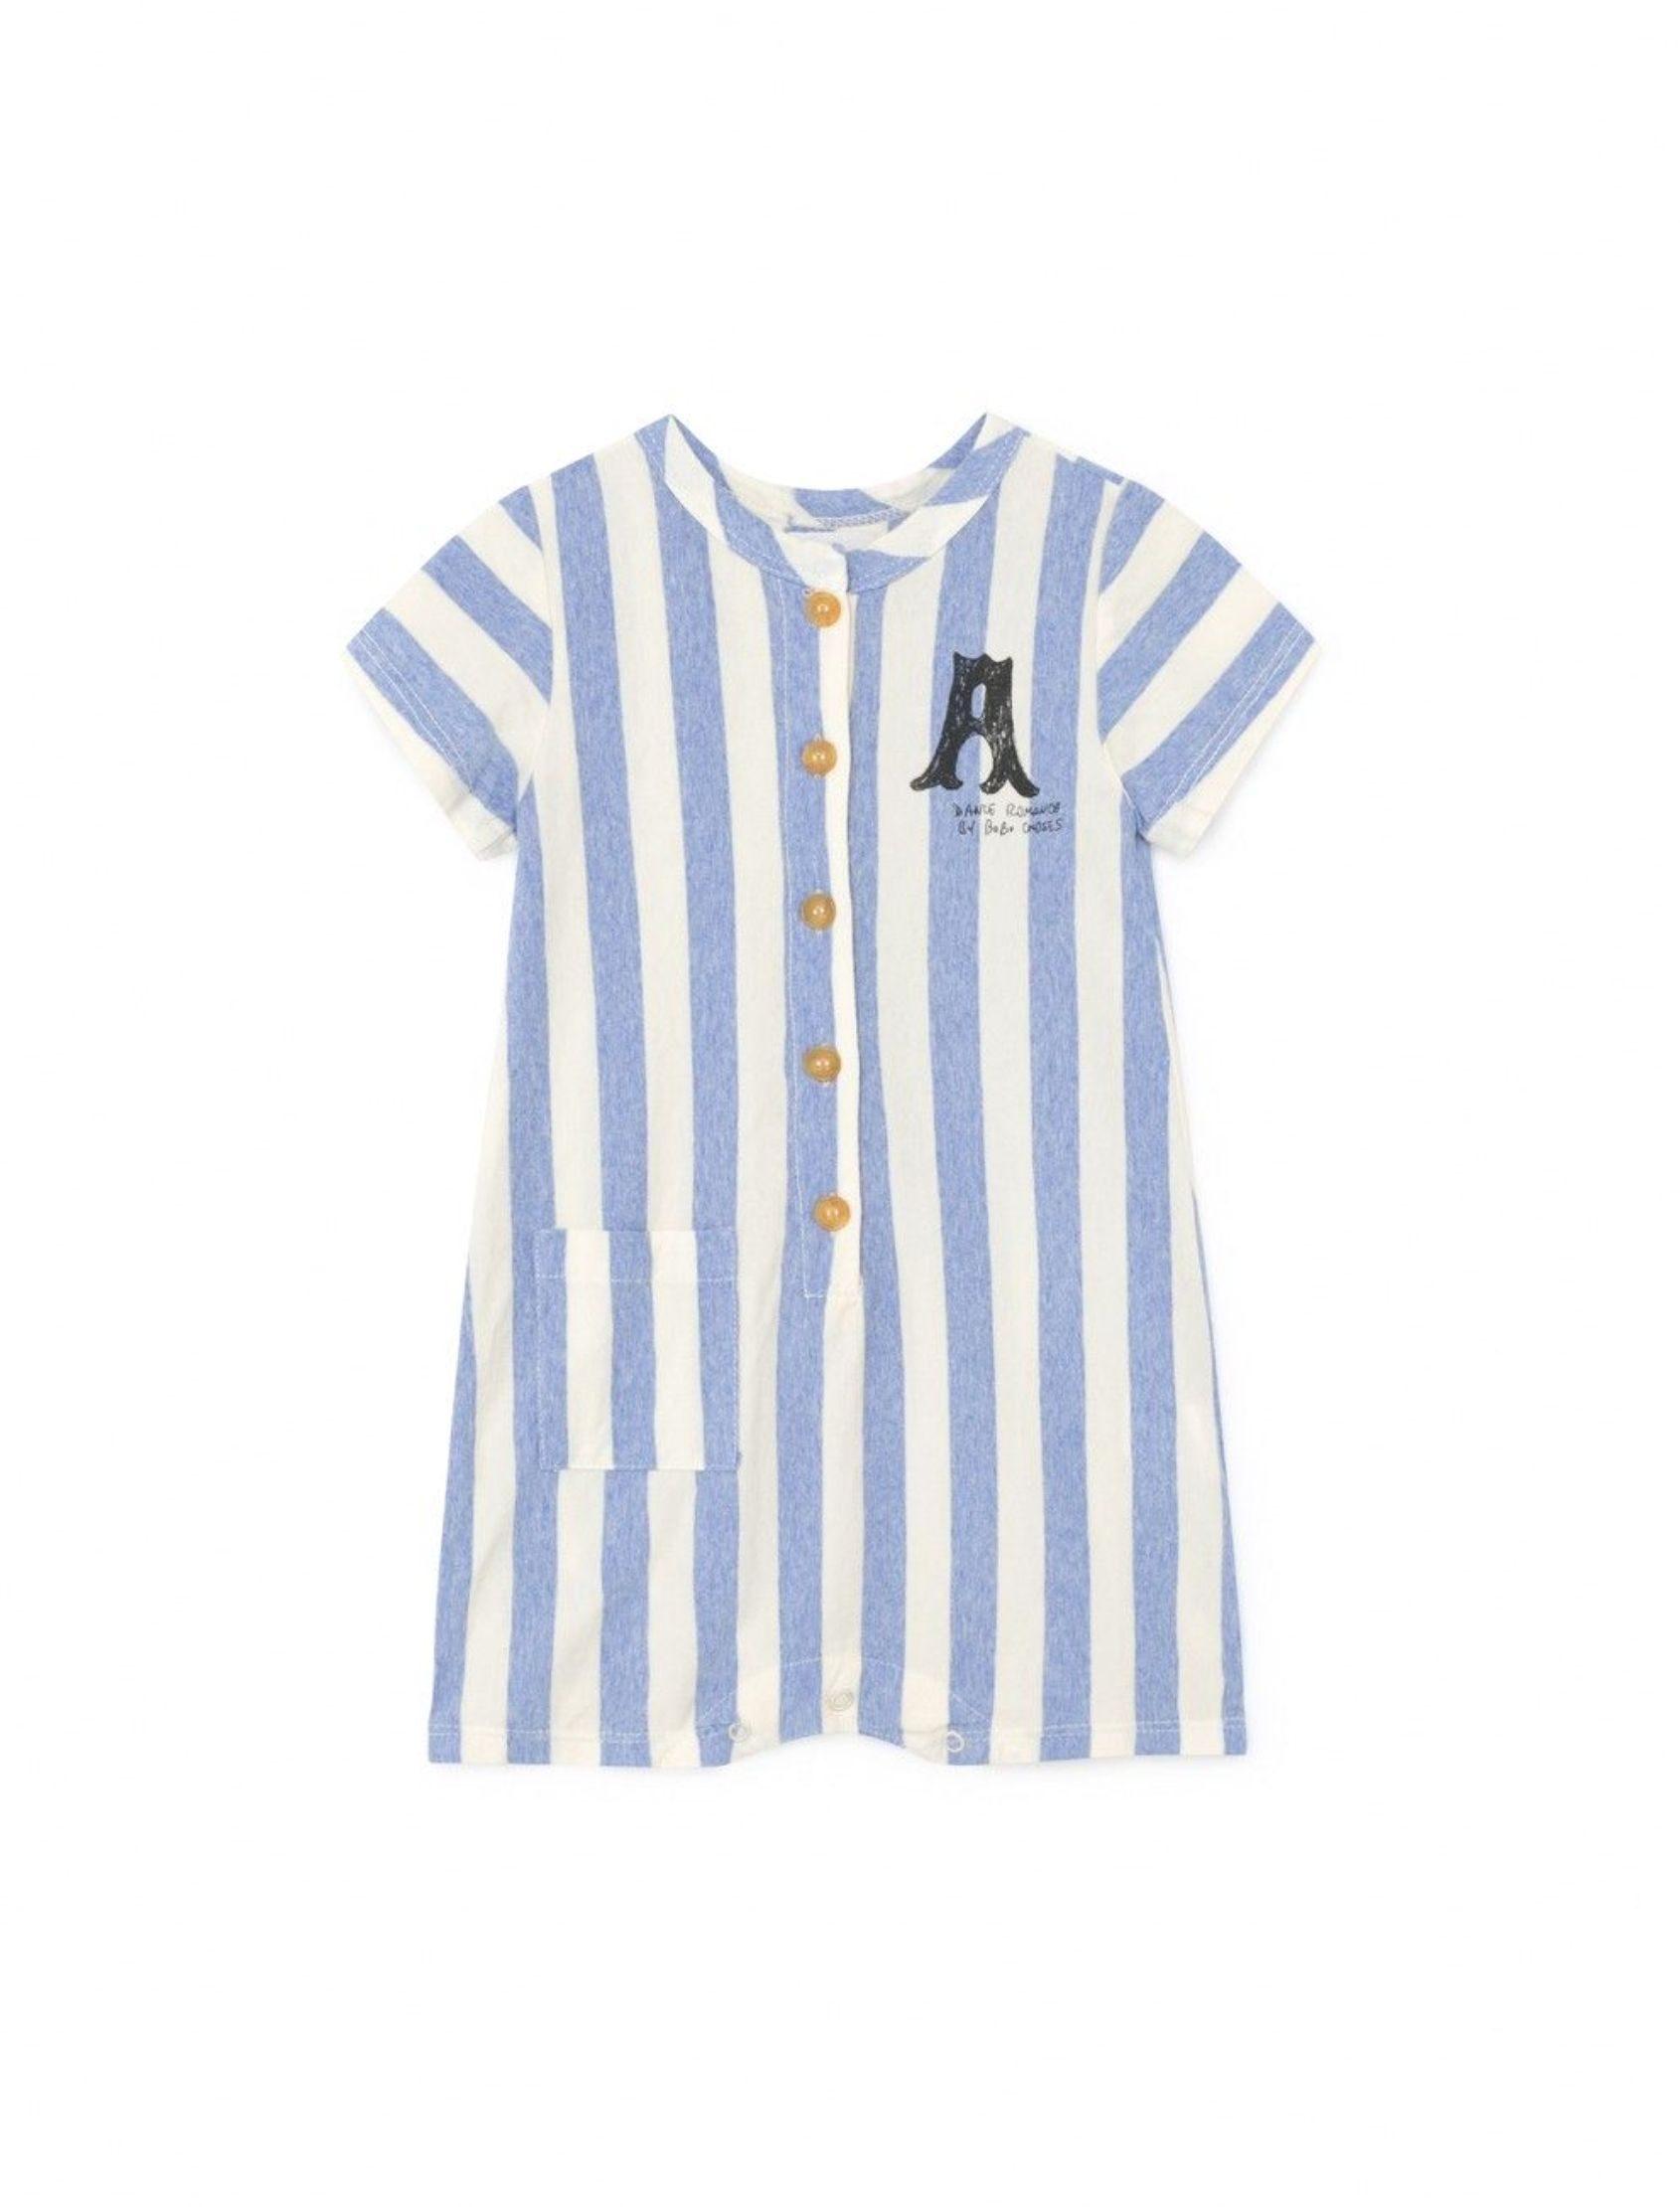 mono pelele bobo choses de bebé con rayas multicolo en azul y blanco y botones de madera